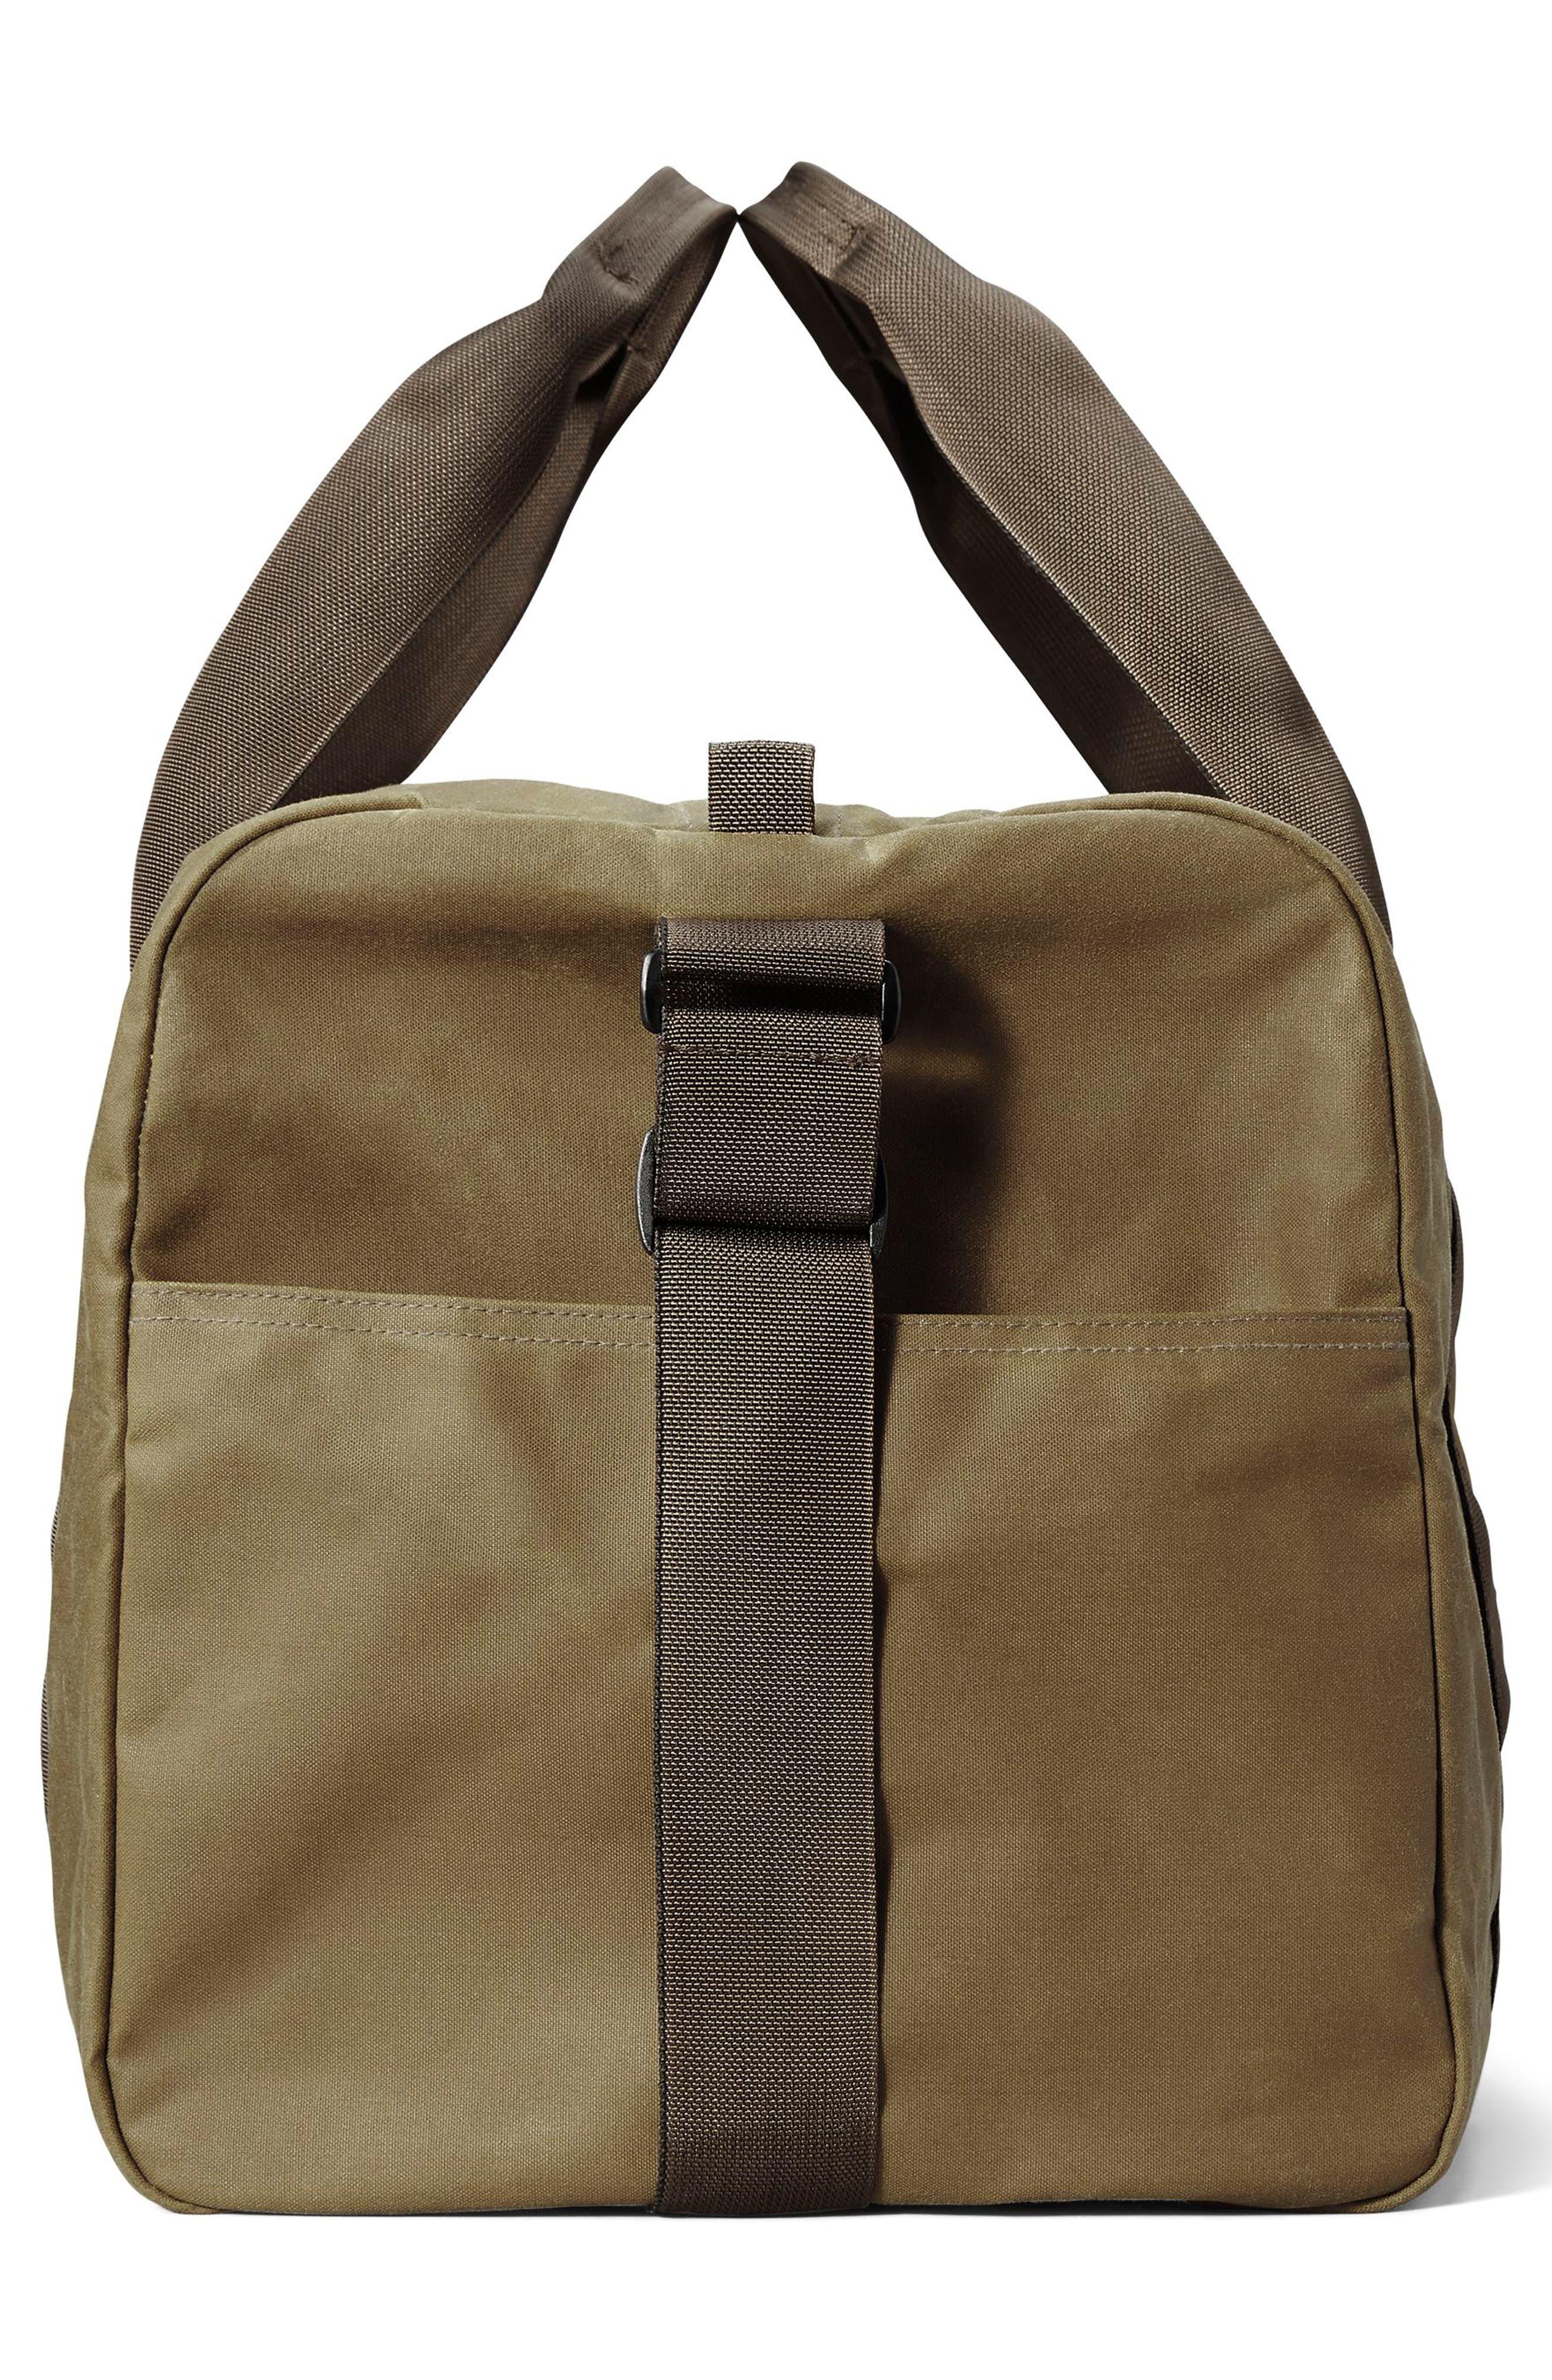 Medium Field Duffel Bag,                             Alternate thumbnail 3, color,                             DARK TAN